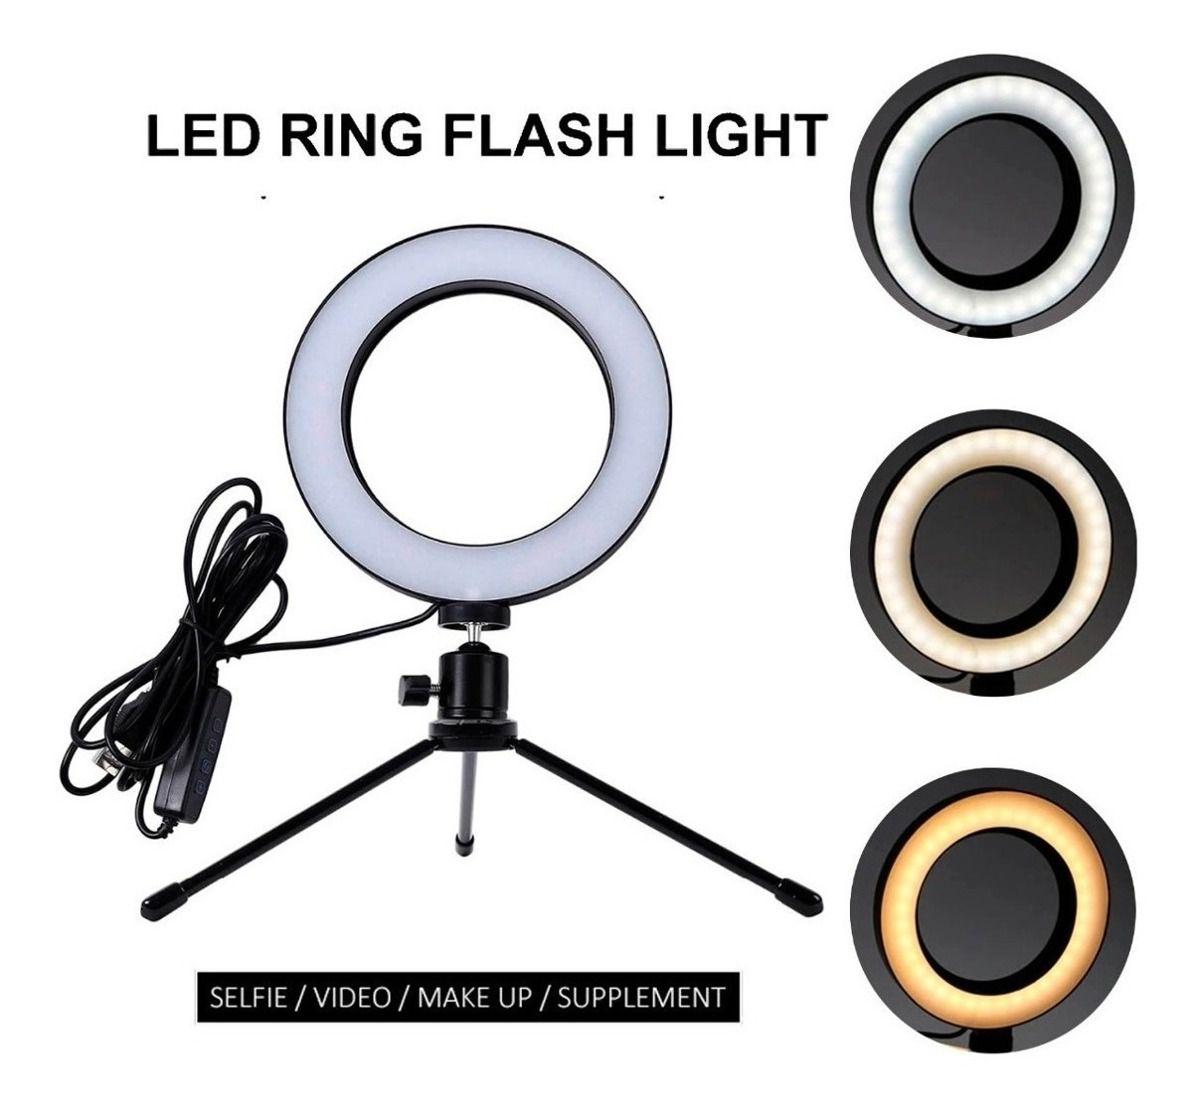 Iluminador De Led Com Tripe Ring Light Usb 16cm 5500k